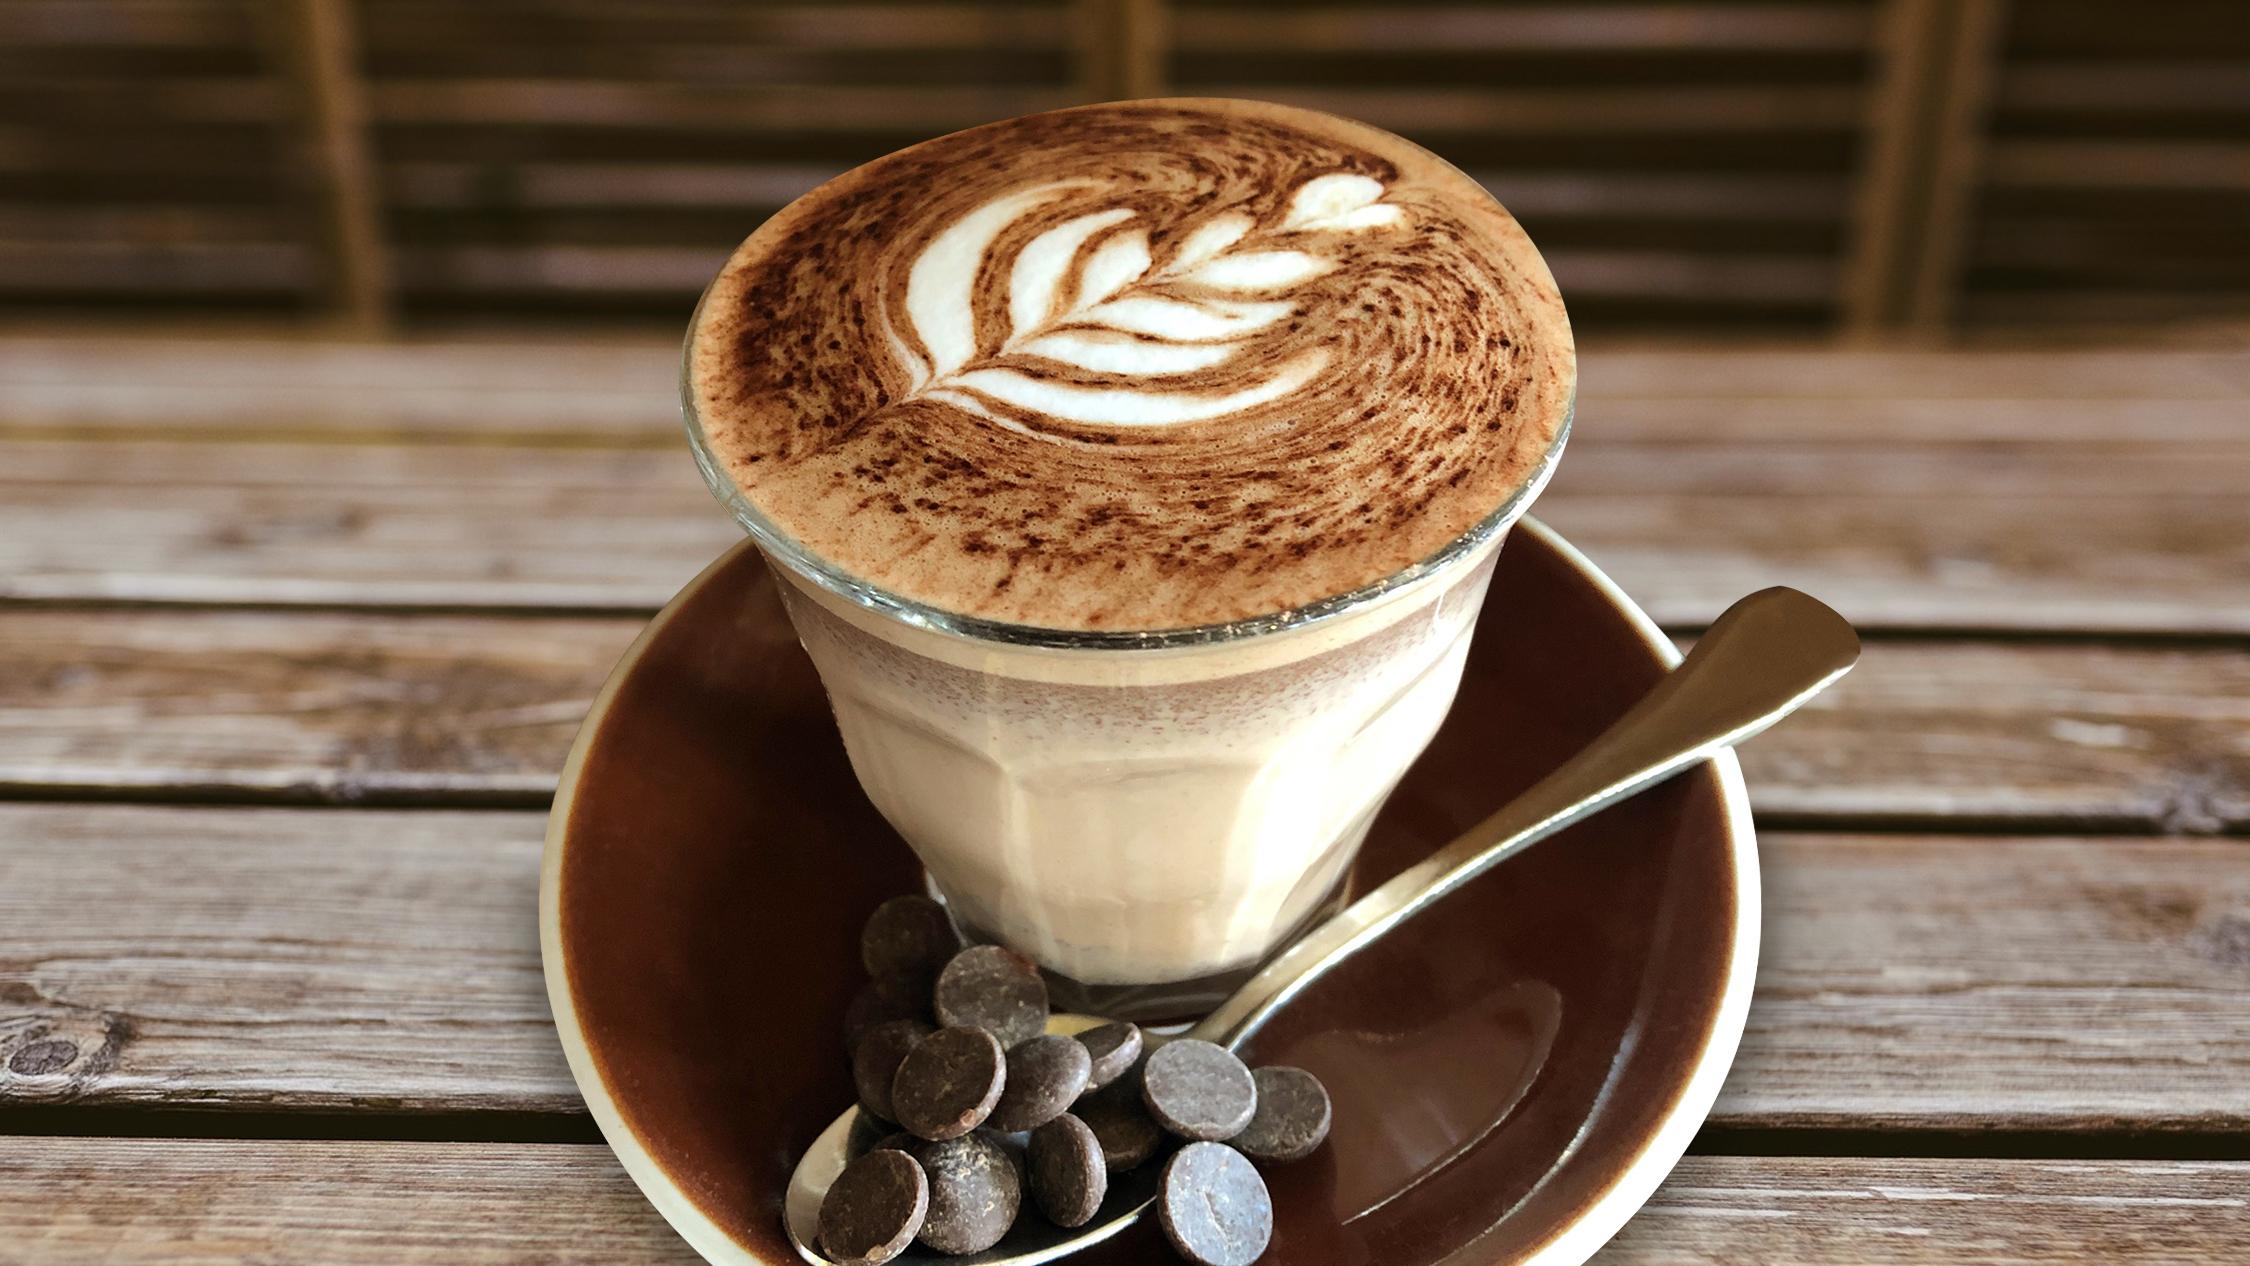 A hot chocolate in a glass